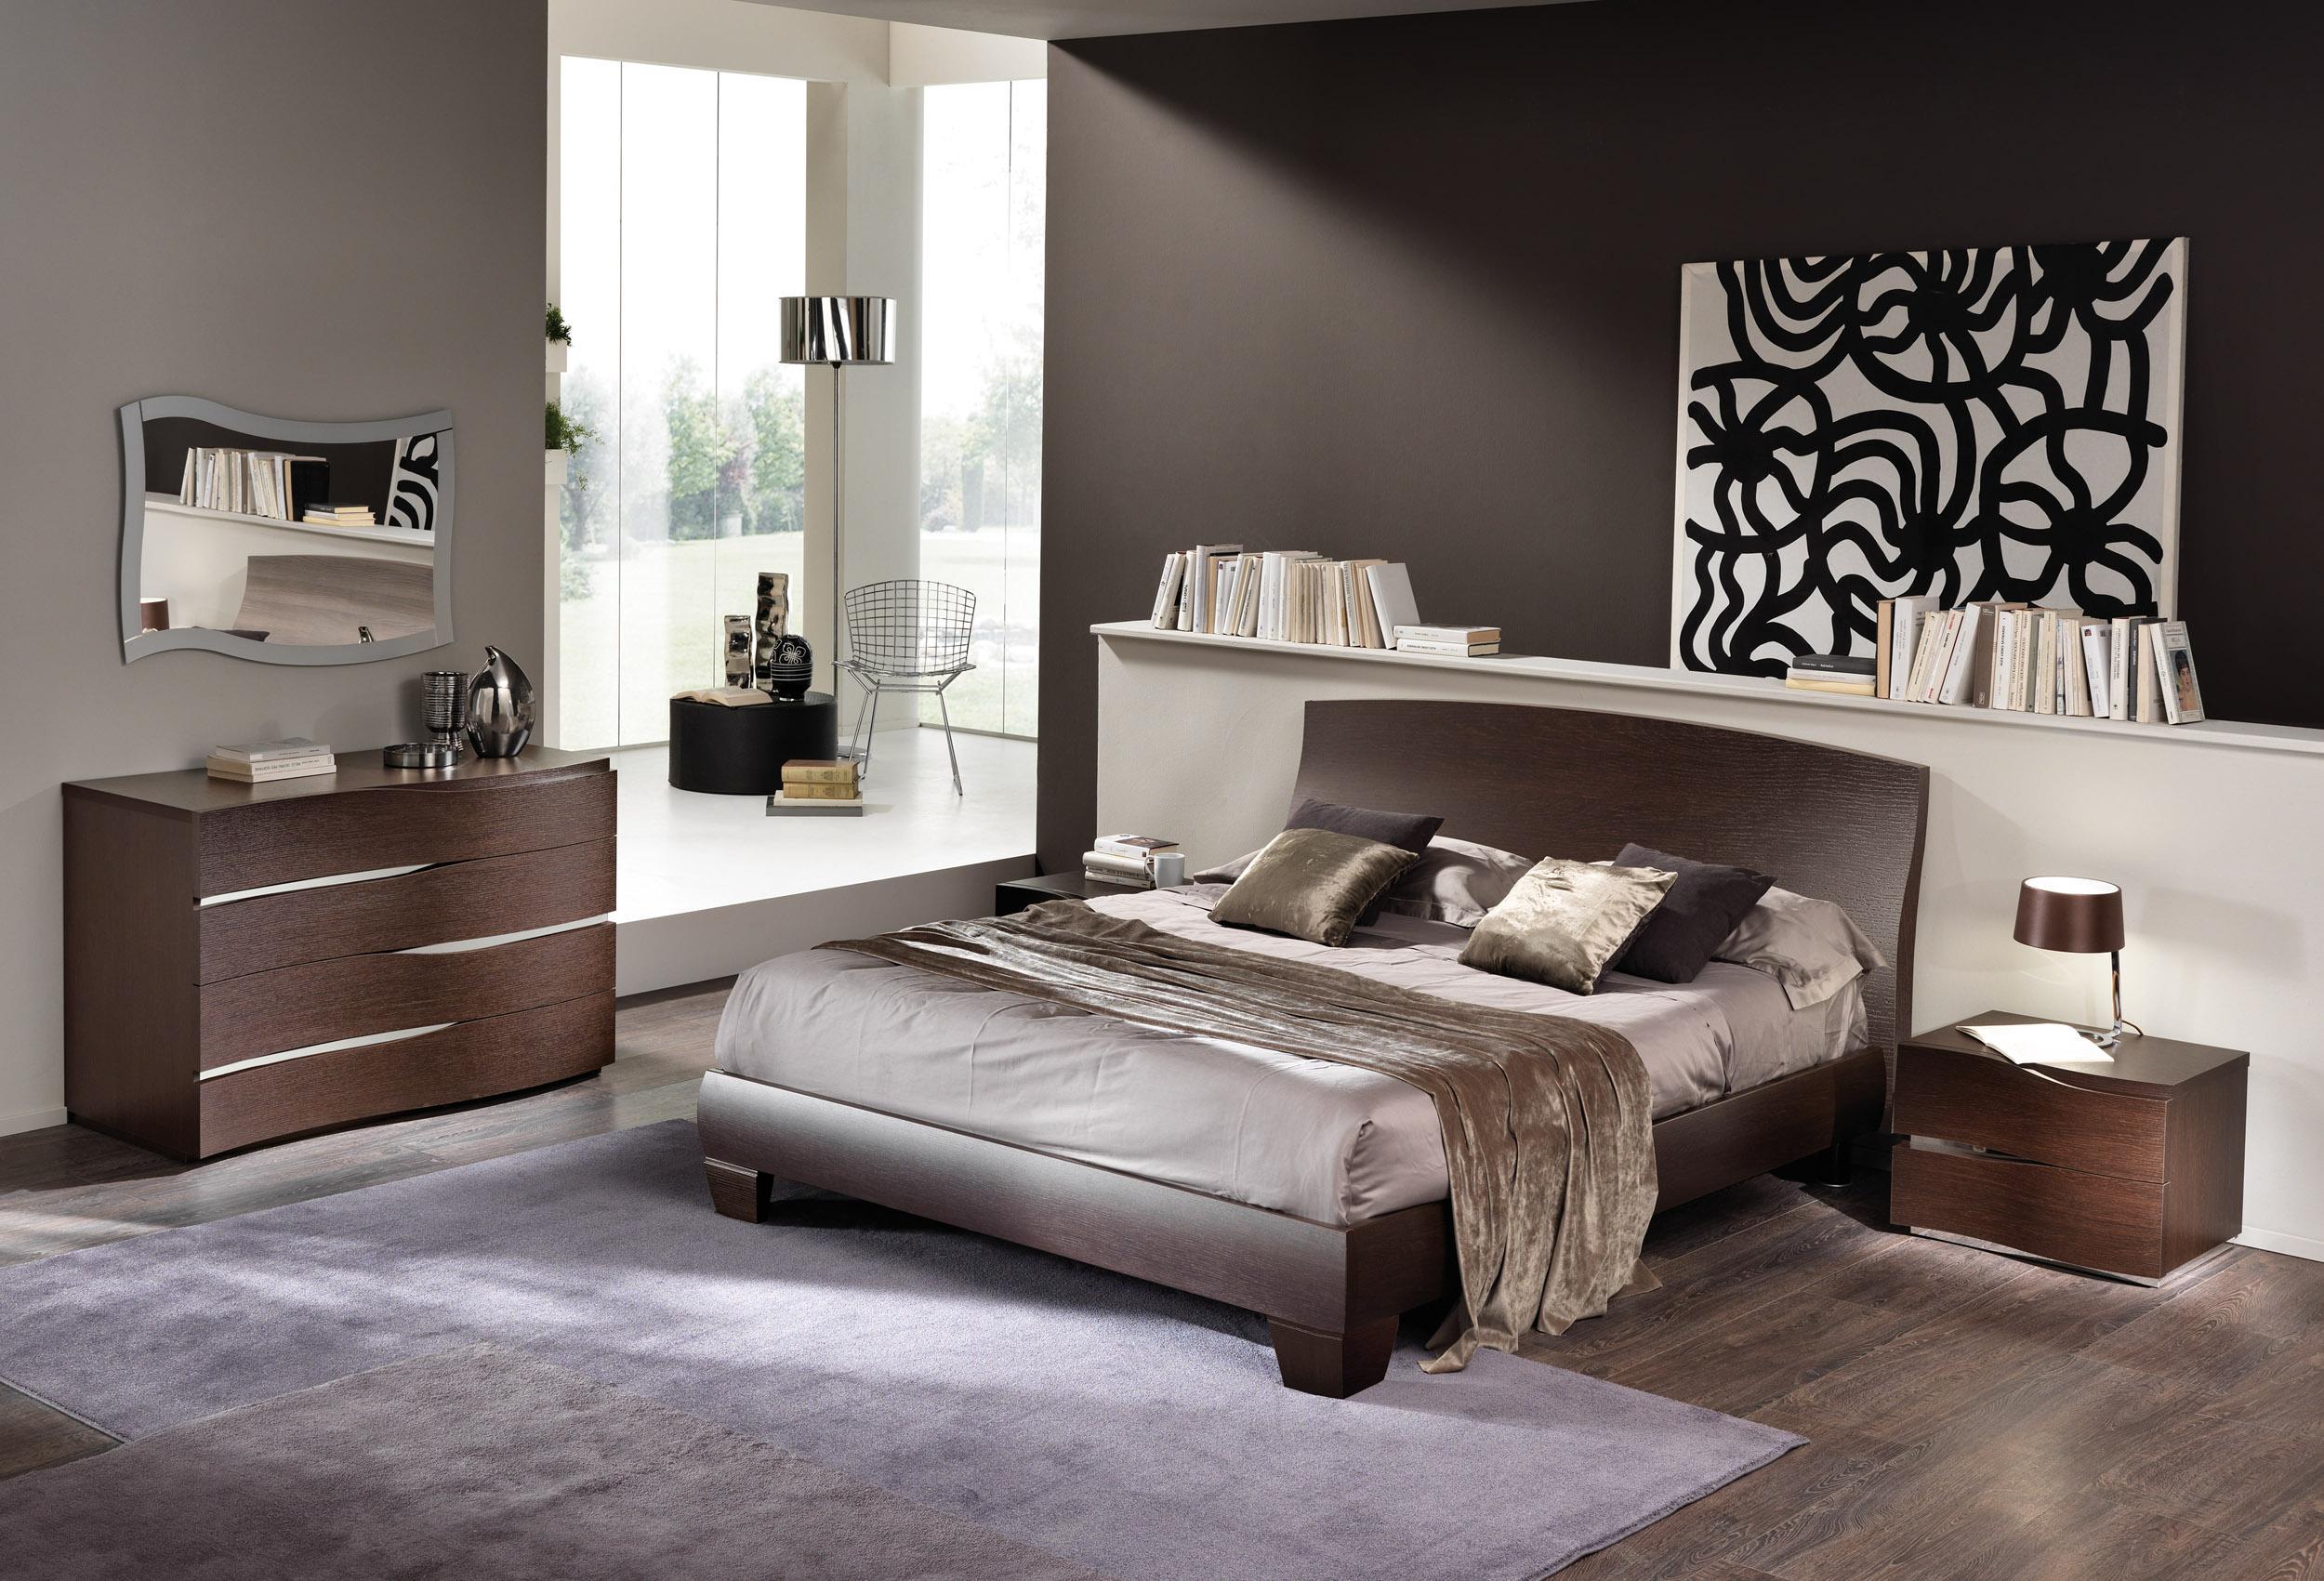 italian quality wood luxury bedroom furniture minneapolis minnesota - Luxury Bedroom Sets Italy